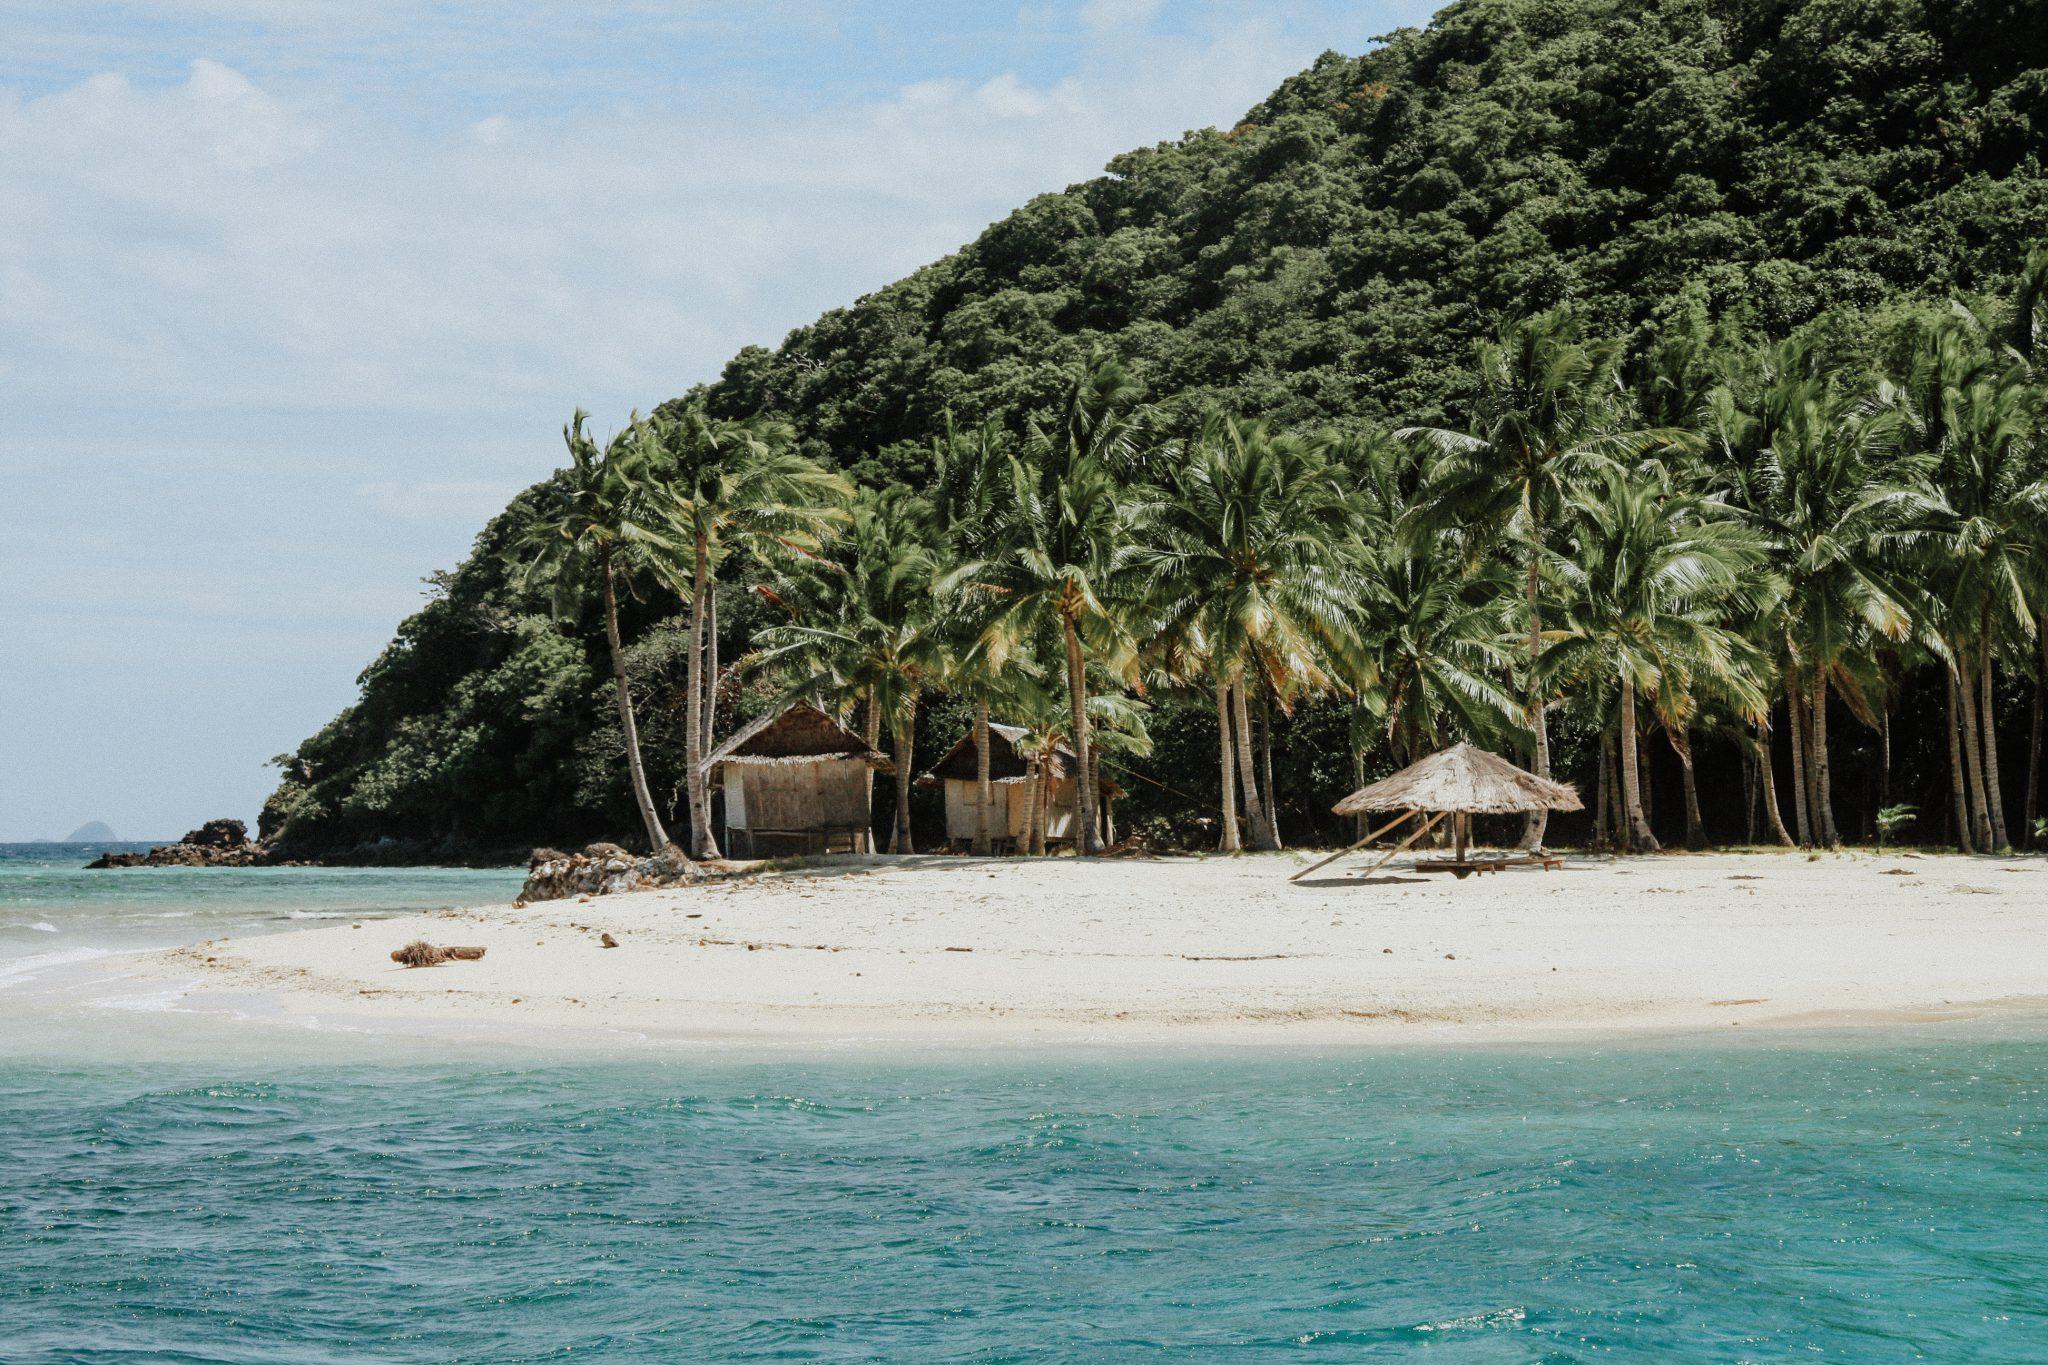 Palawan, l'une des plus belles îles des Philippines